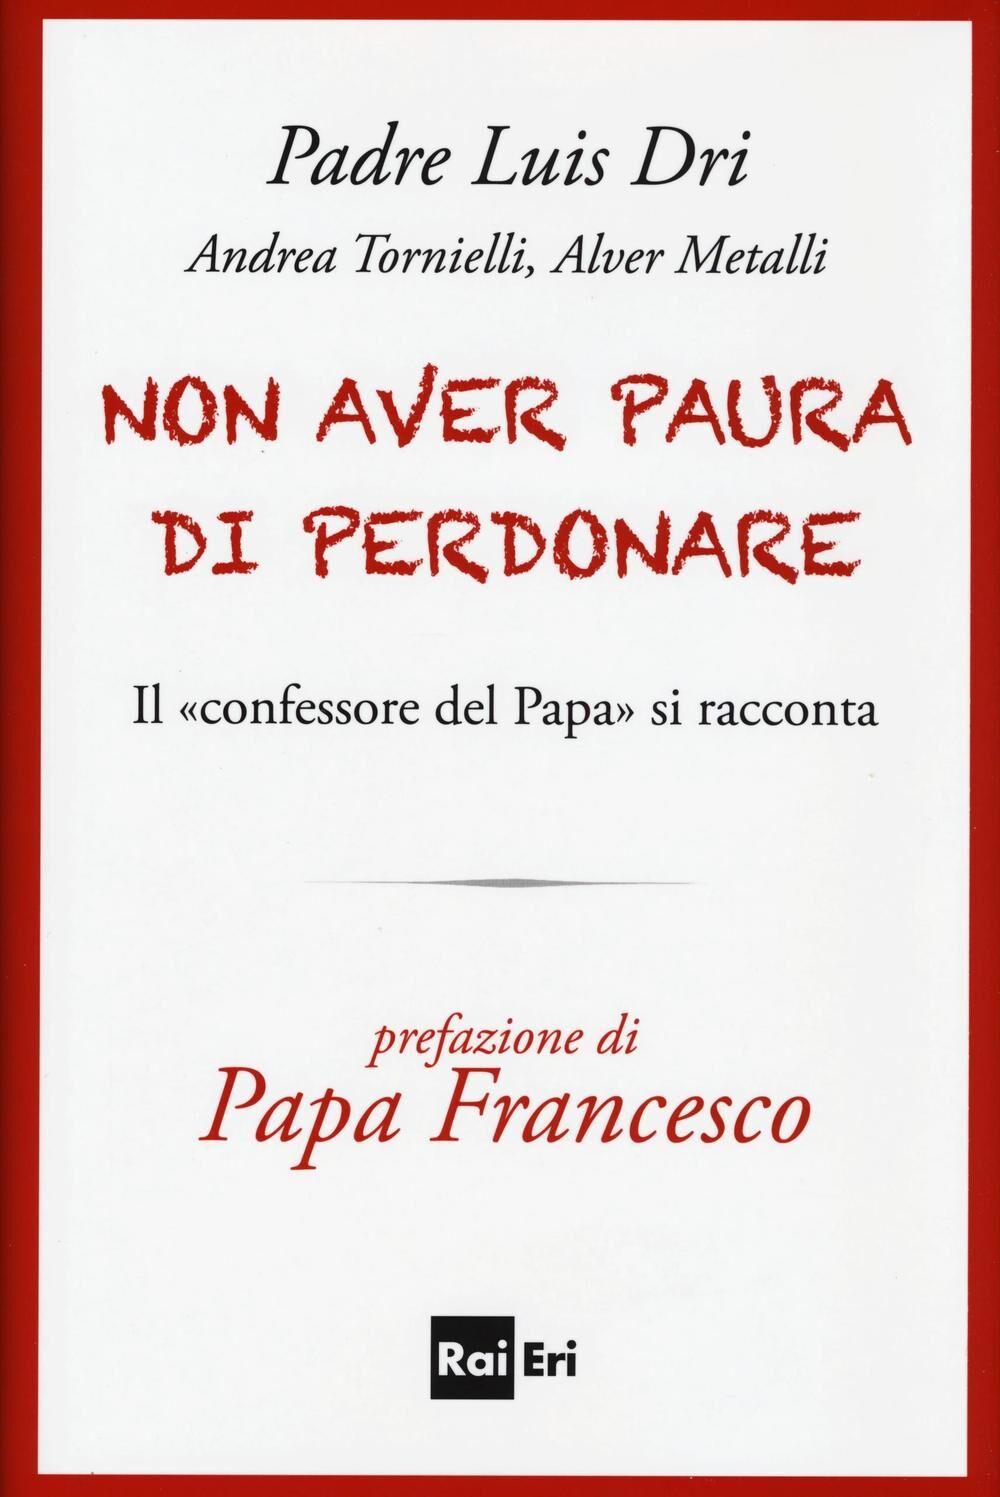 Non aver paura di perdonare. Il «confessore del Papa» si racconta